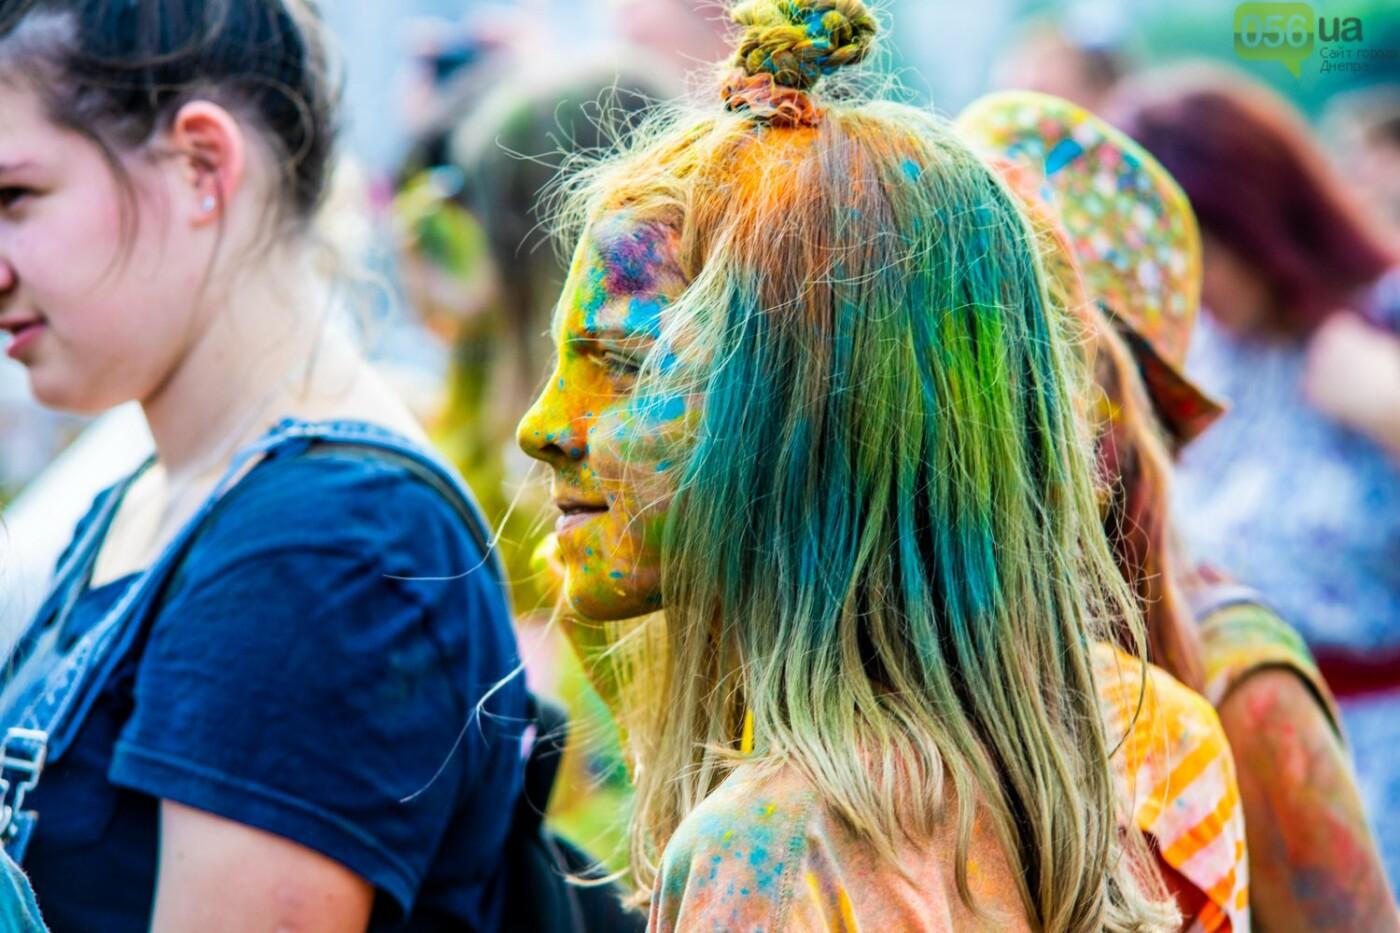 Фестиваль красок и свадьбы: как в Днепре прошел День молодежи, - ФОТОРЕПОРТАЖ, ВИДЕО, фото-18